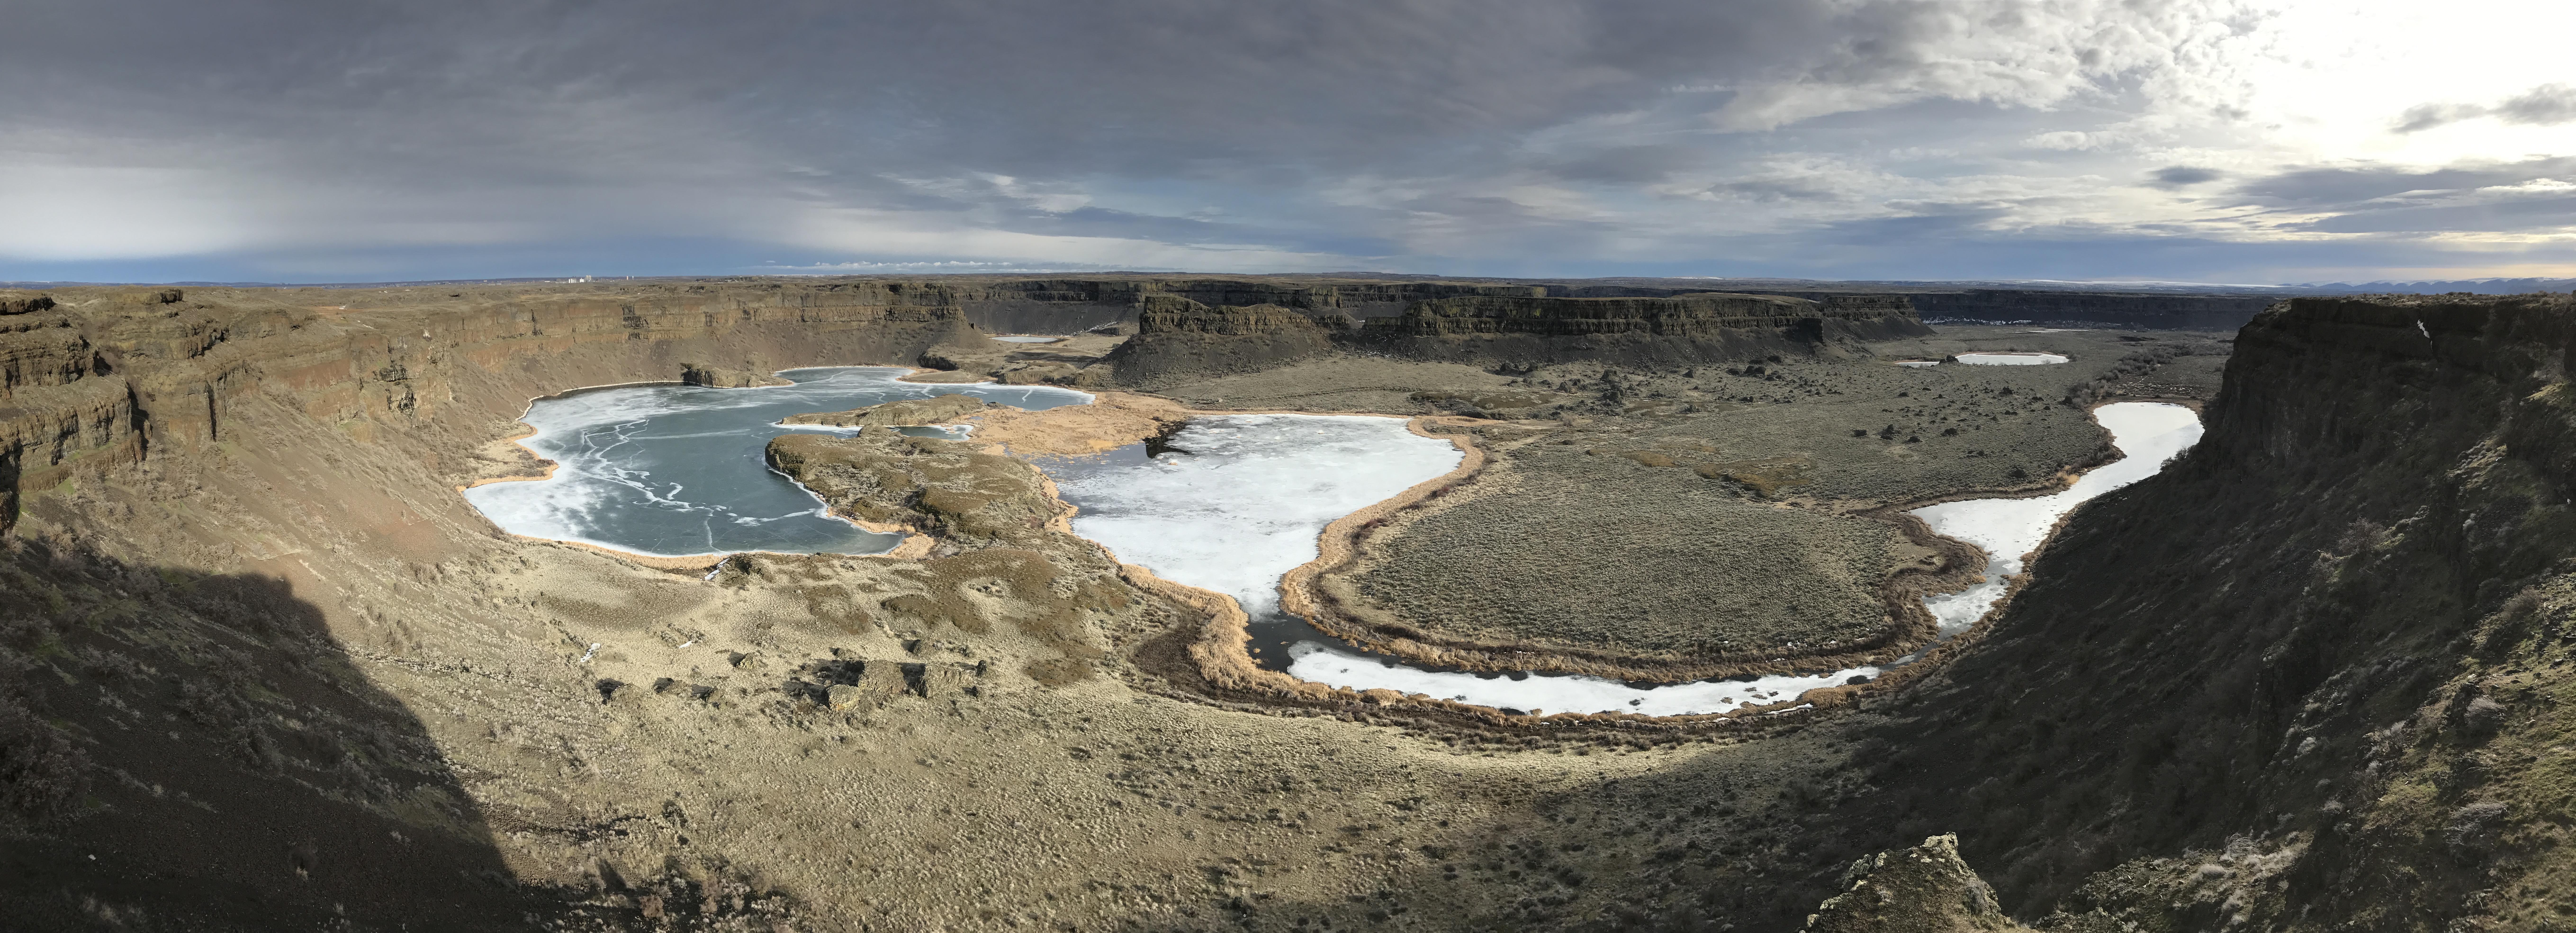 Dry Falls Panoramic